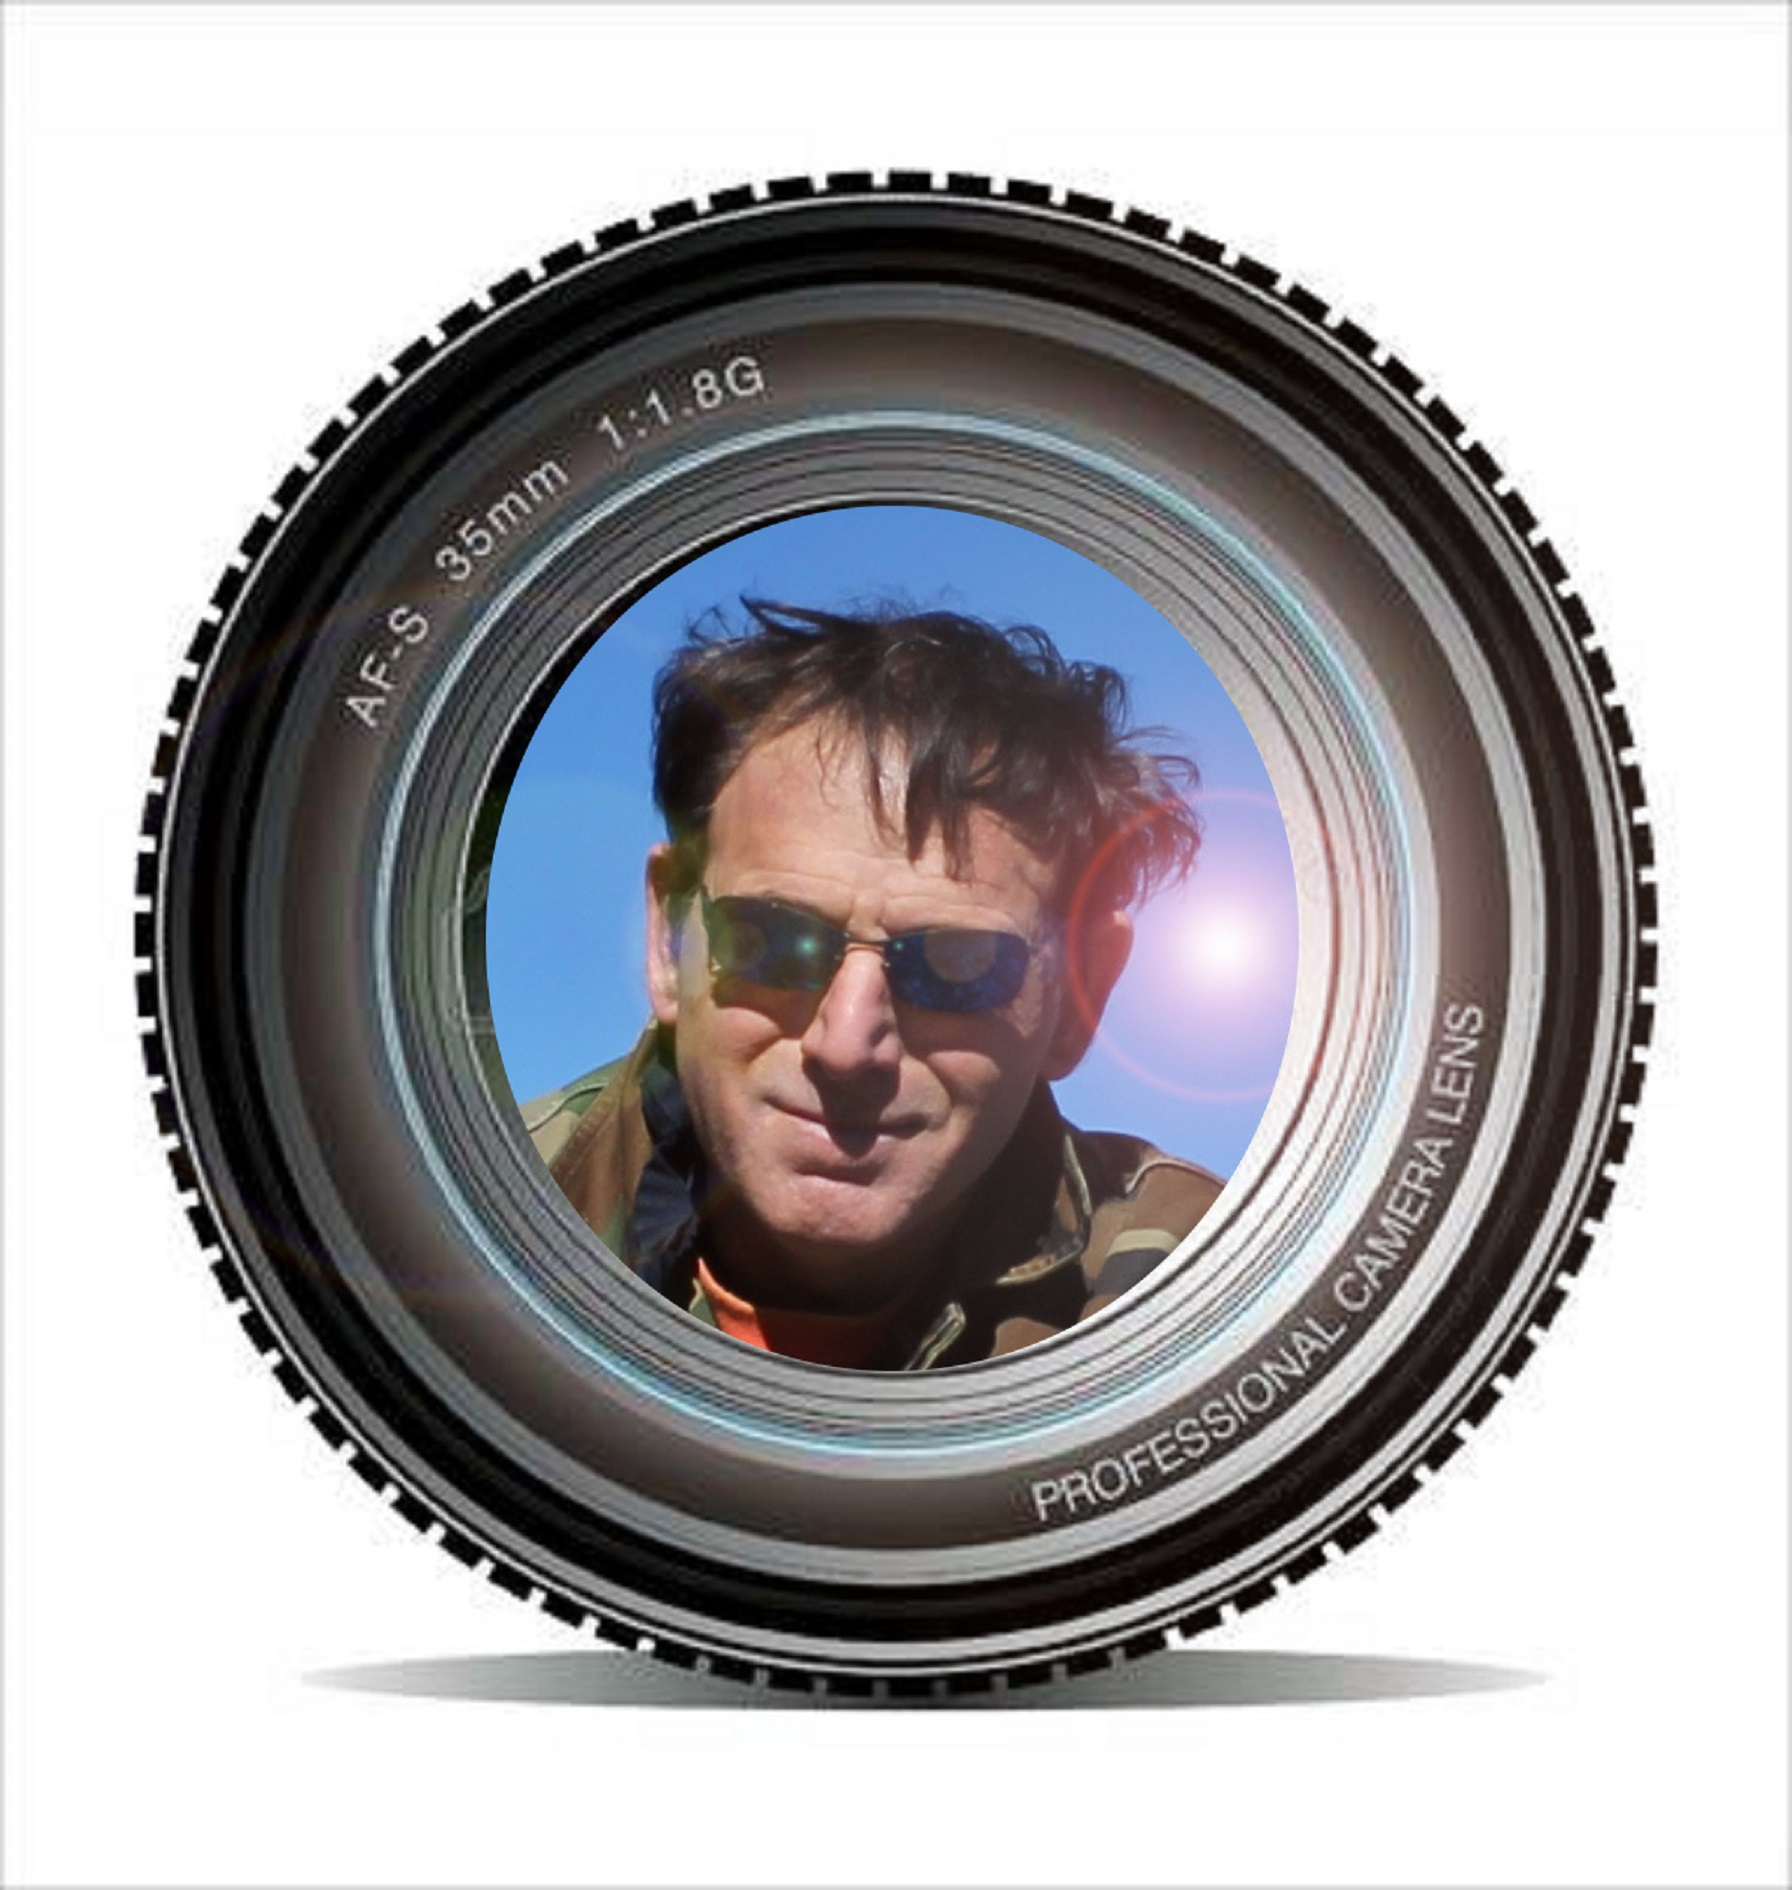 obiettivo-della-fotocamera